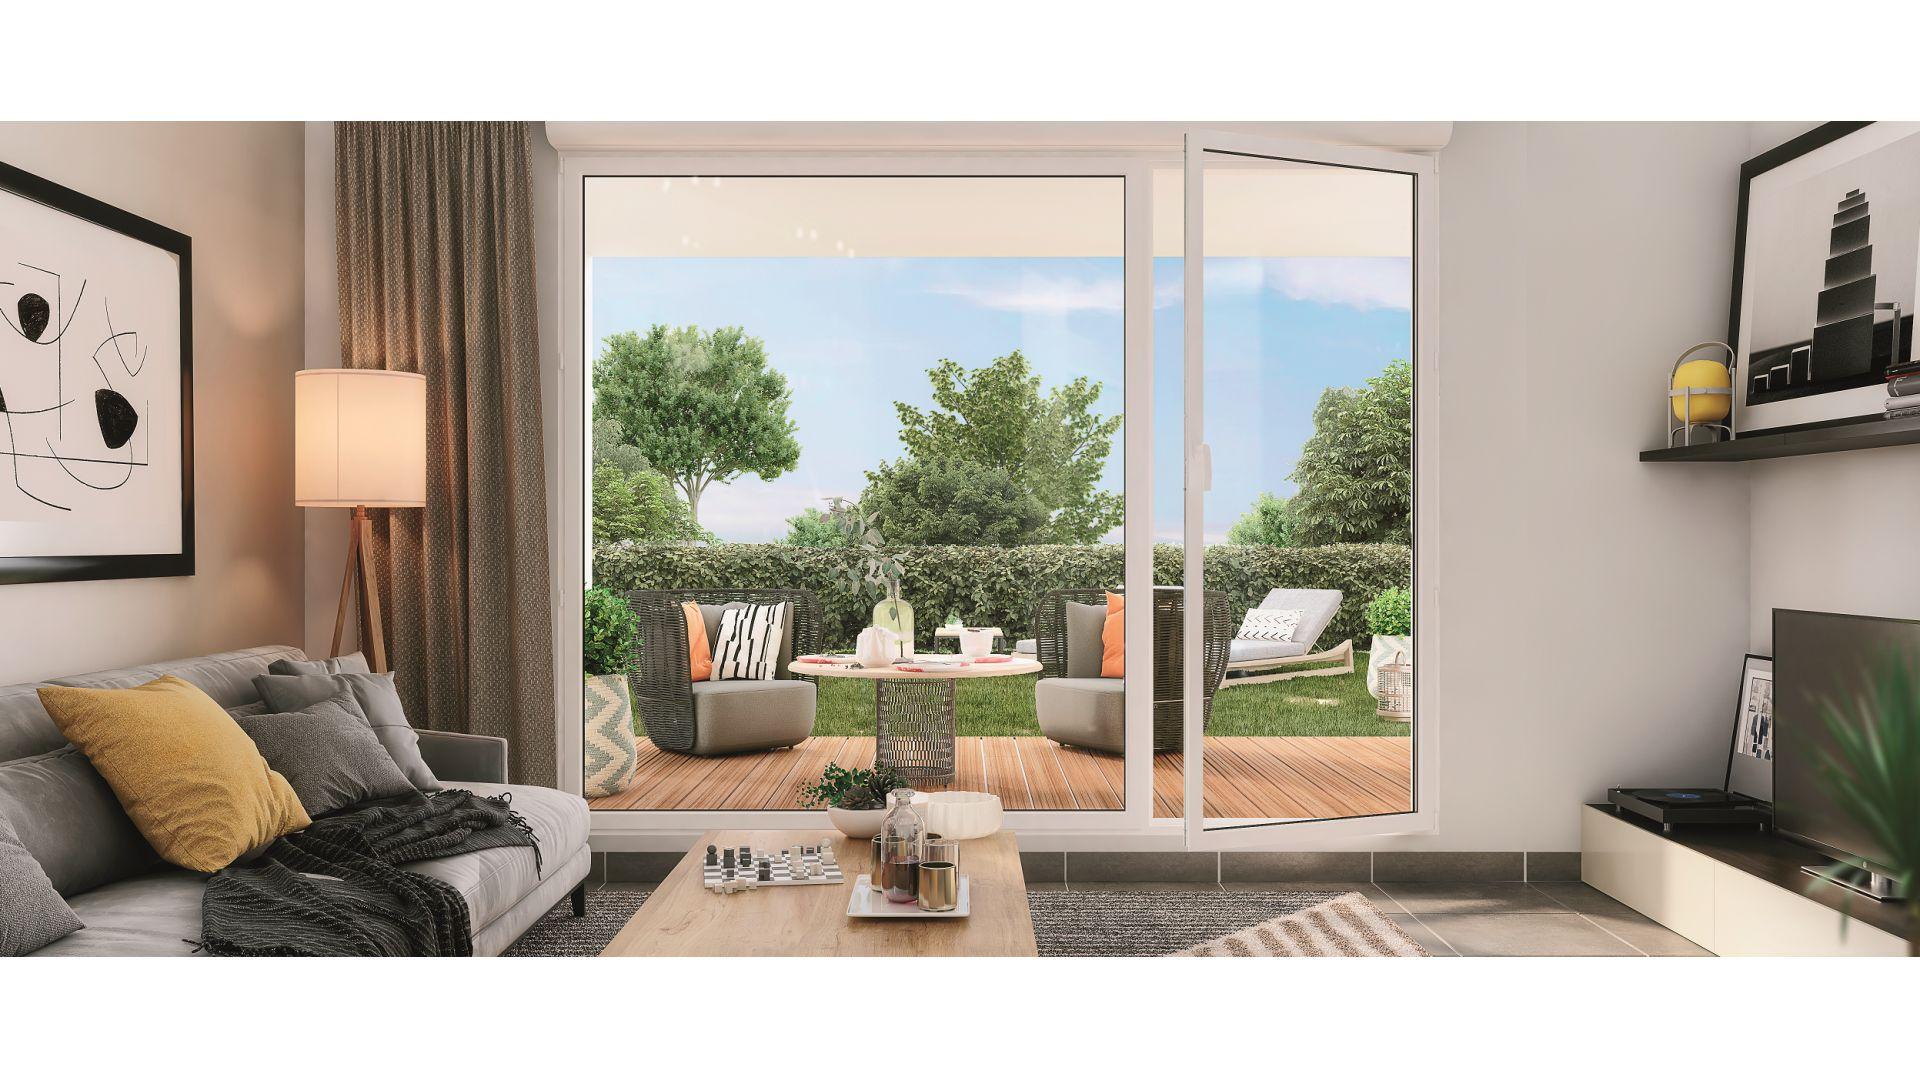 Greencity Immobilier - Le Rialto - achat appartements du T1 bis au T3 - Eaunes - Muret 31600 - vue terrasse